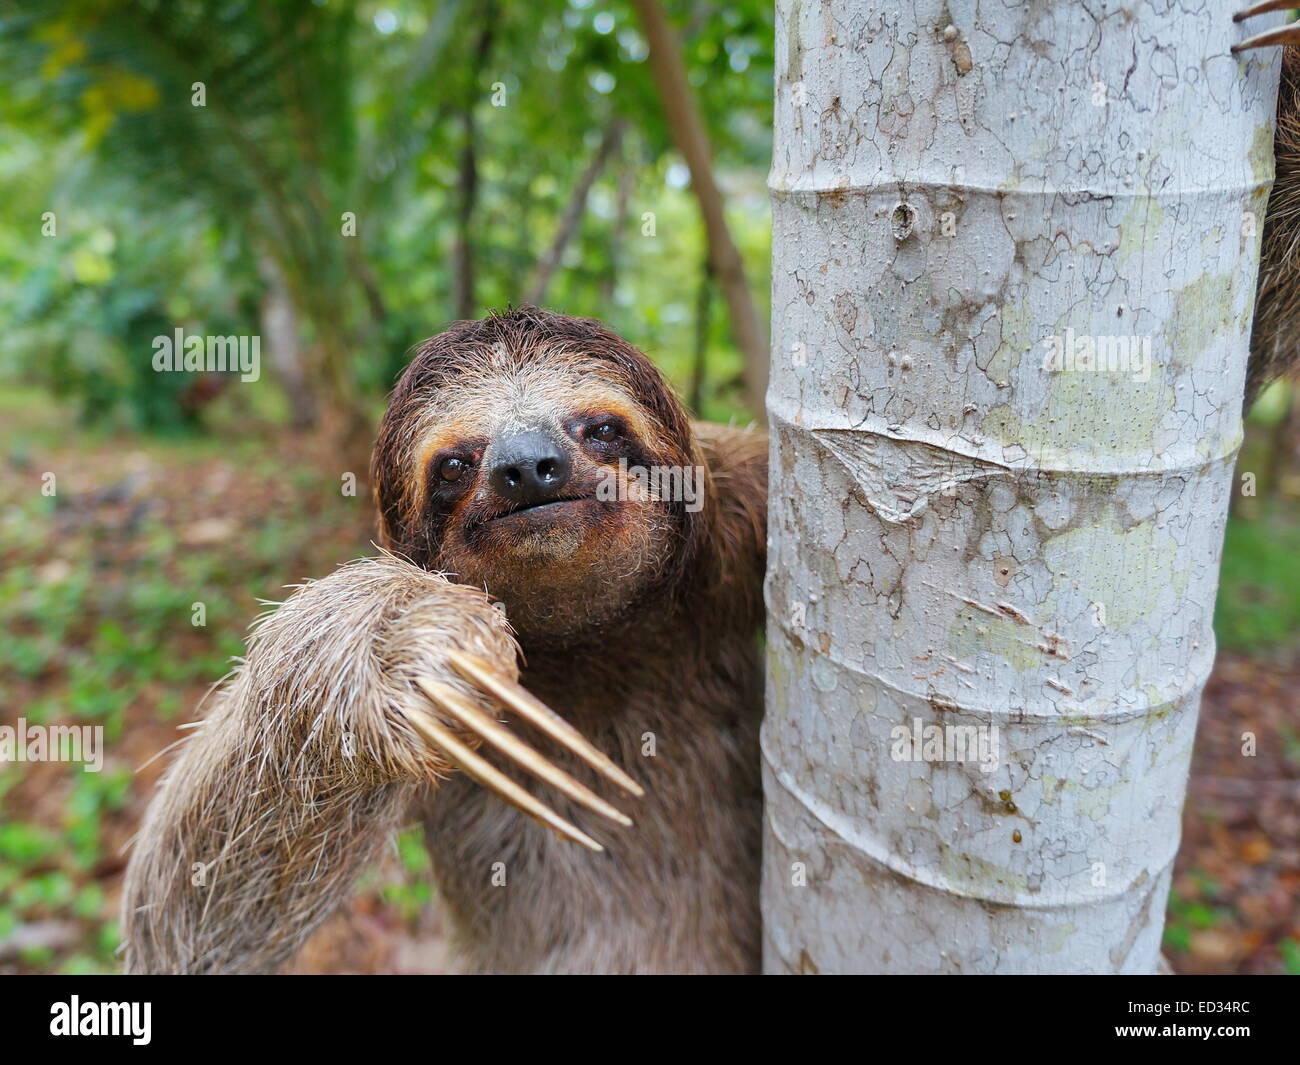 Retrato de marrón-throated perezoso de tres dedos en un árbol, Panamá, América Central Foto de stock